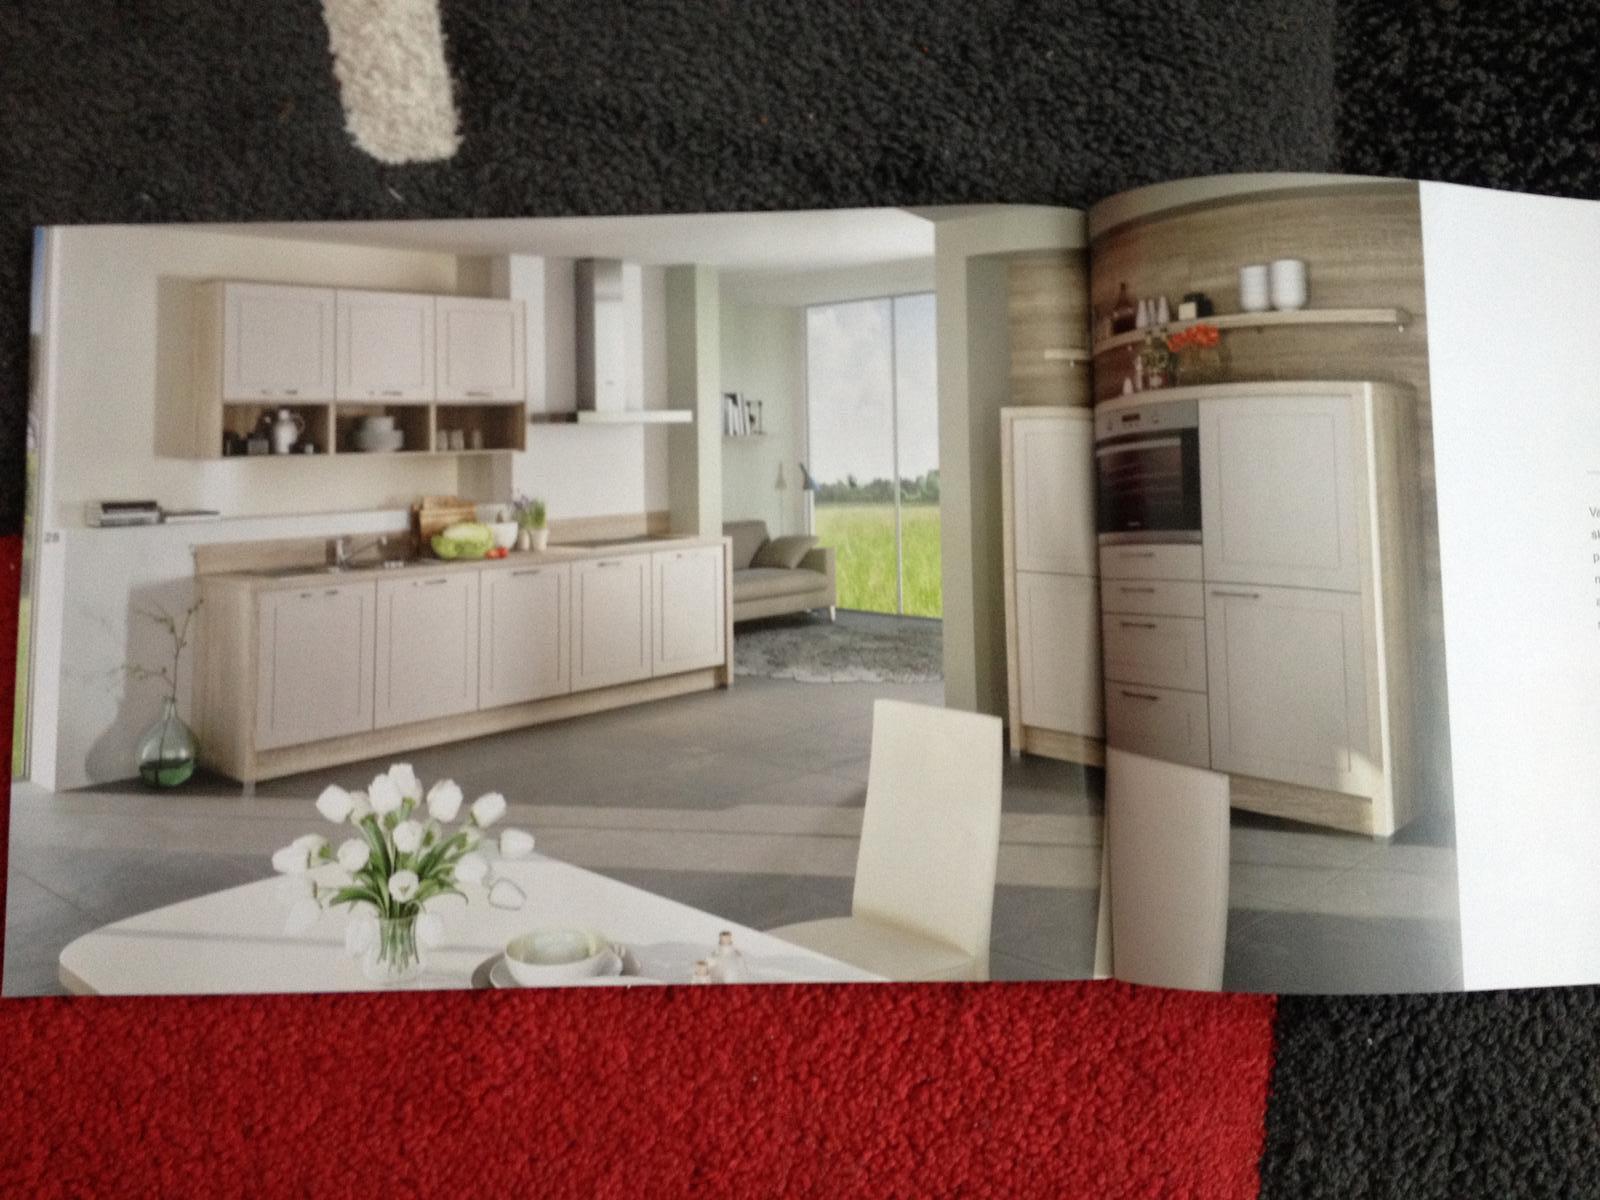 Inspirace kuchyna a jídelna - Obrázek č. 19